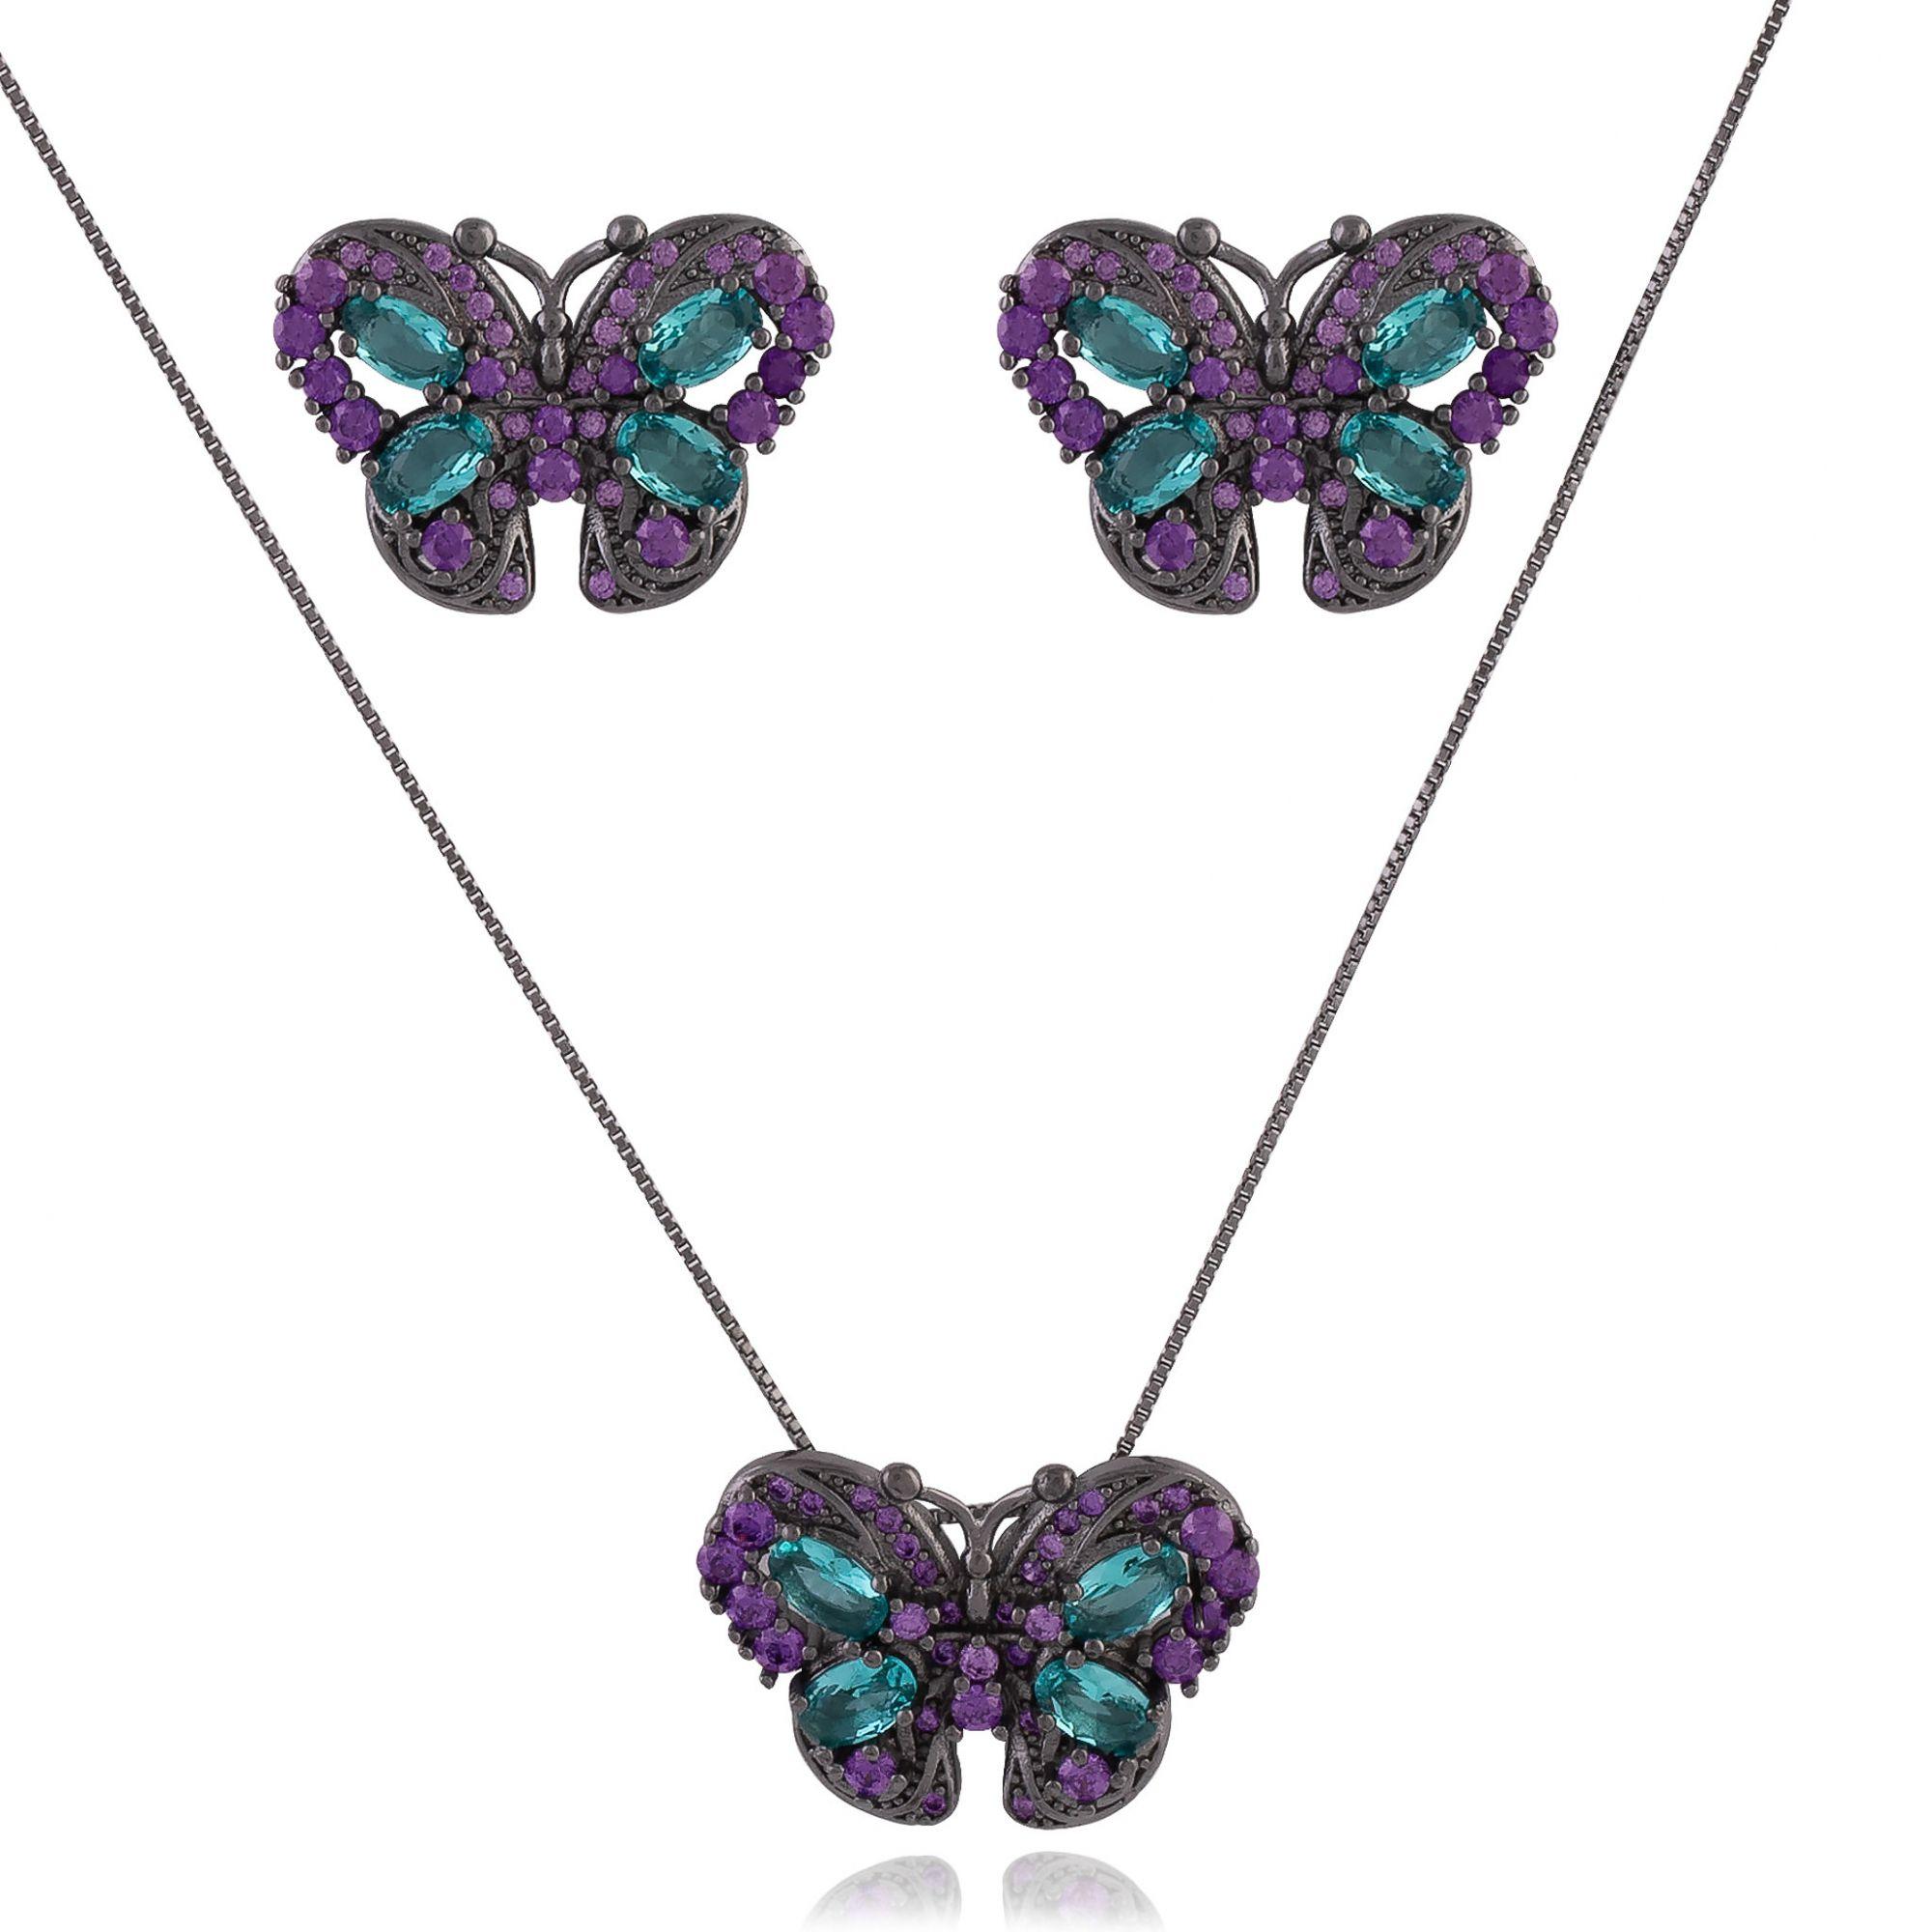 Conjunto de borboletas com zircônias turmalina e ultra violet banho de grafite.  - bfdecor.com.br